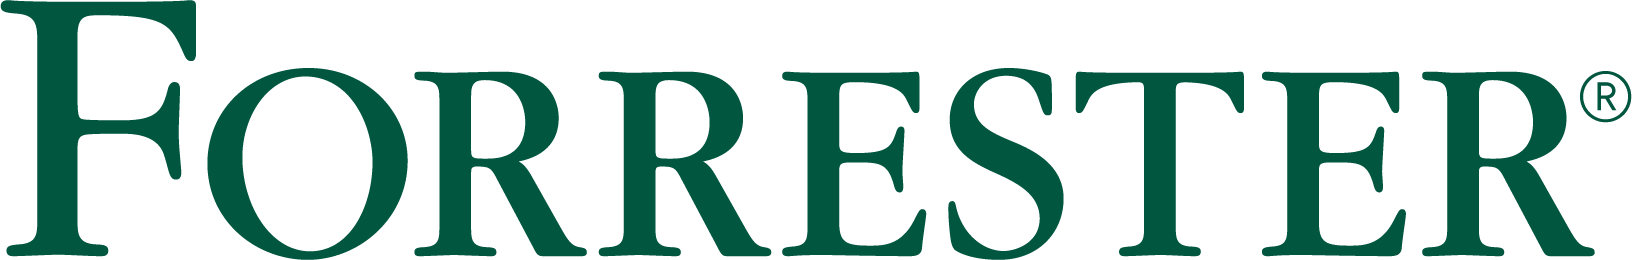 forrester-RGB_logo.png